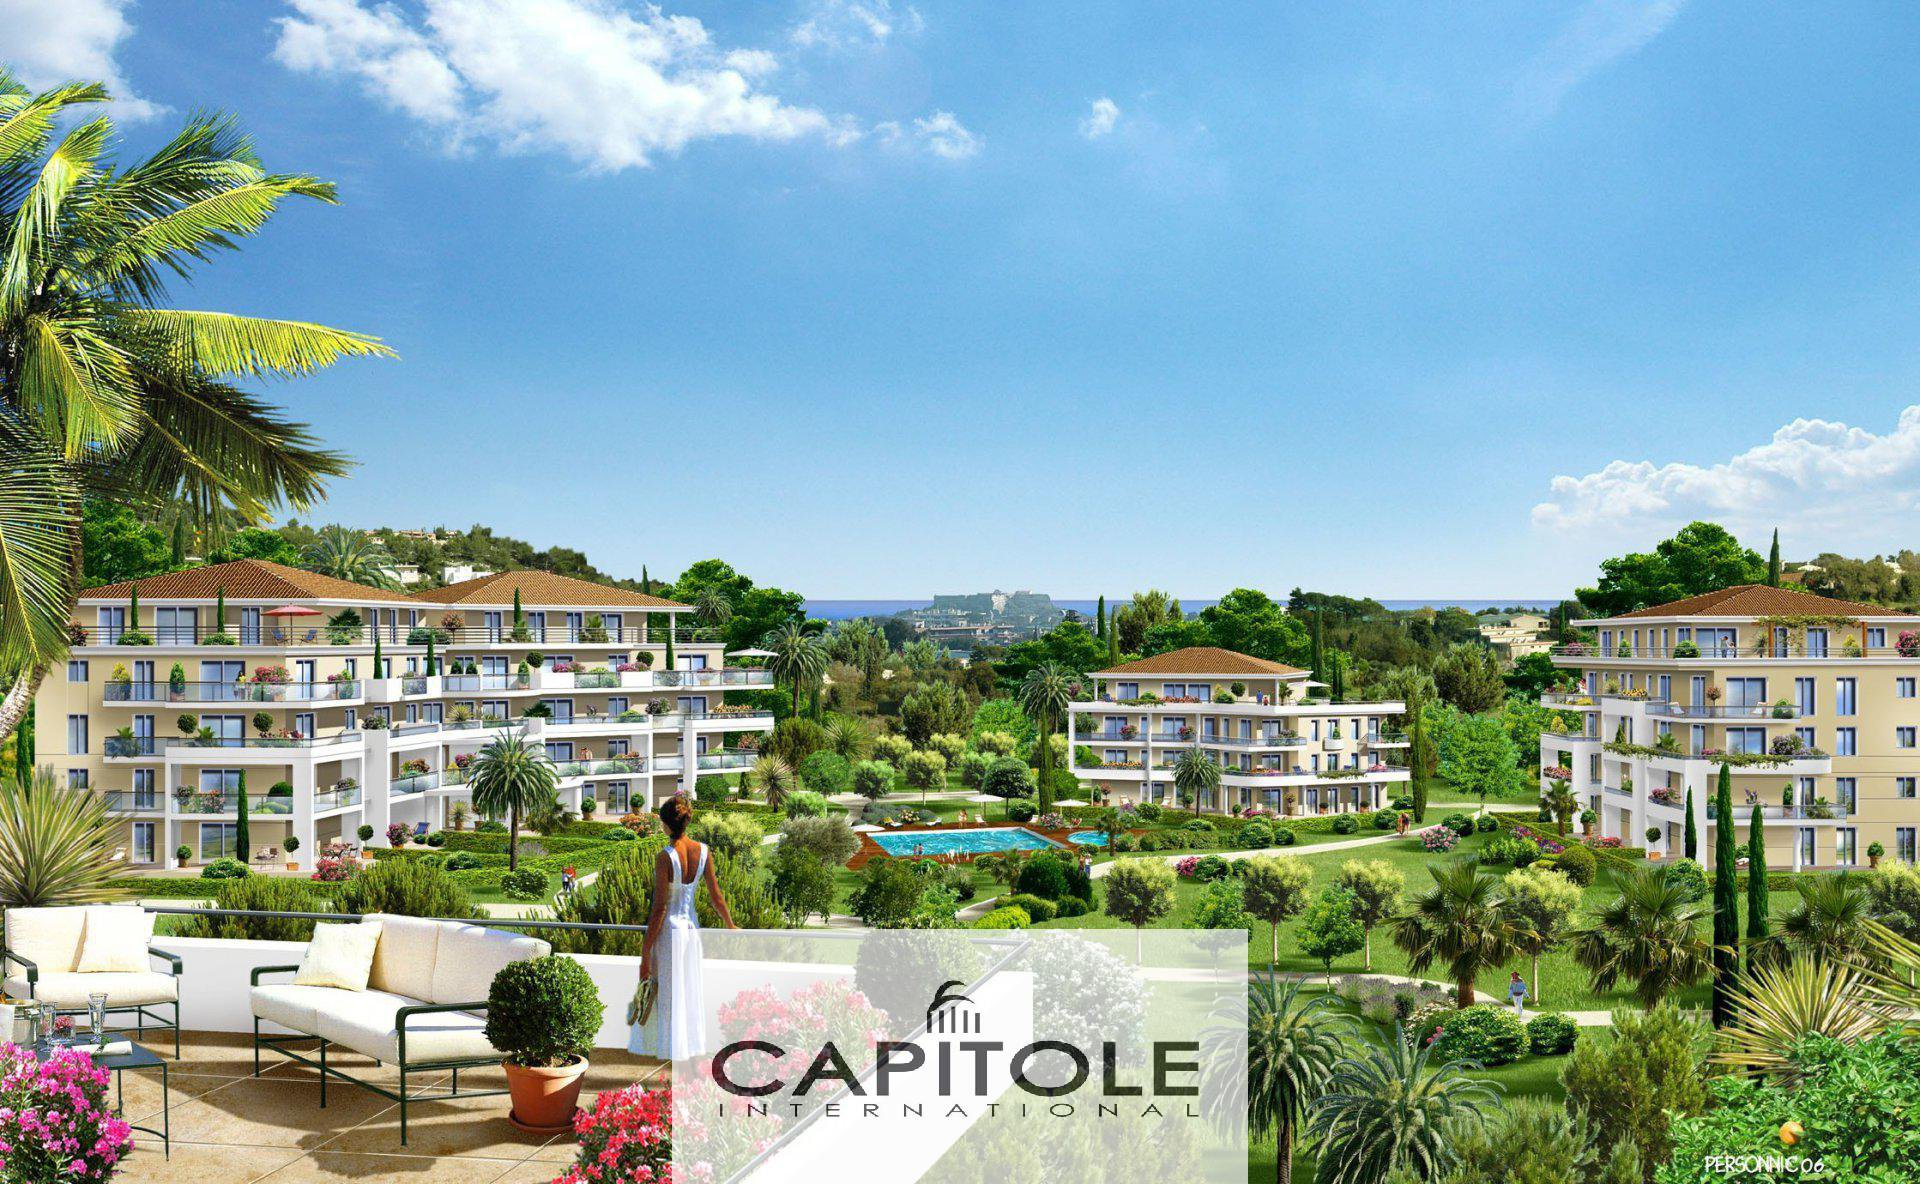 À vendre, Antibes,  appartement 4 pièces d'angle en rez-de-jardin, terrasse, parking, garage, cave